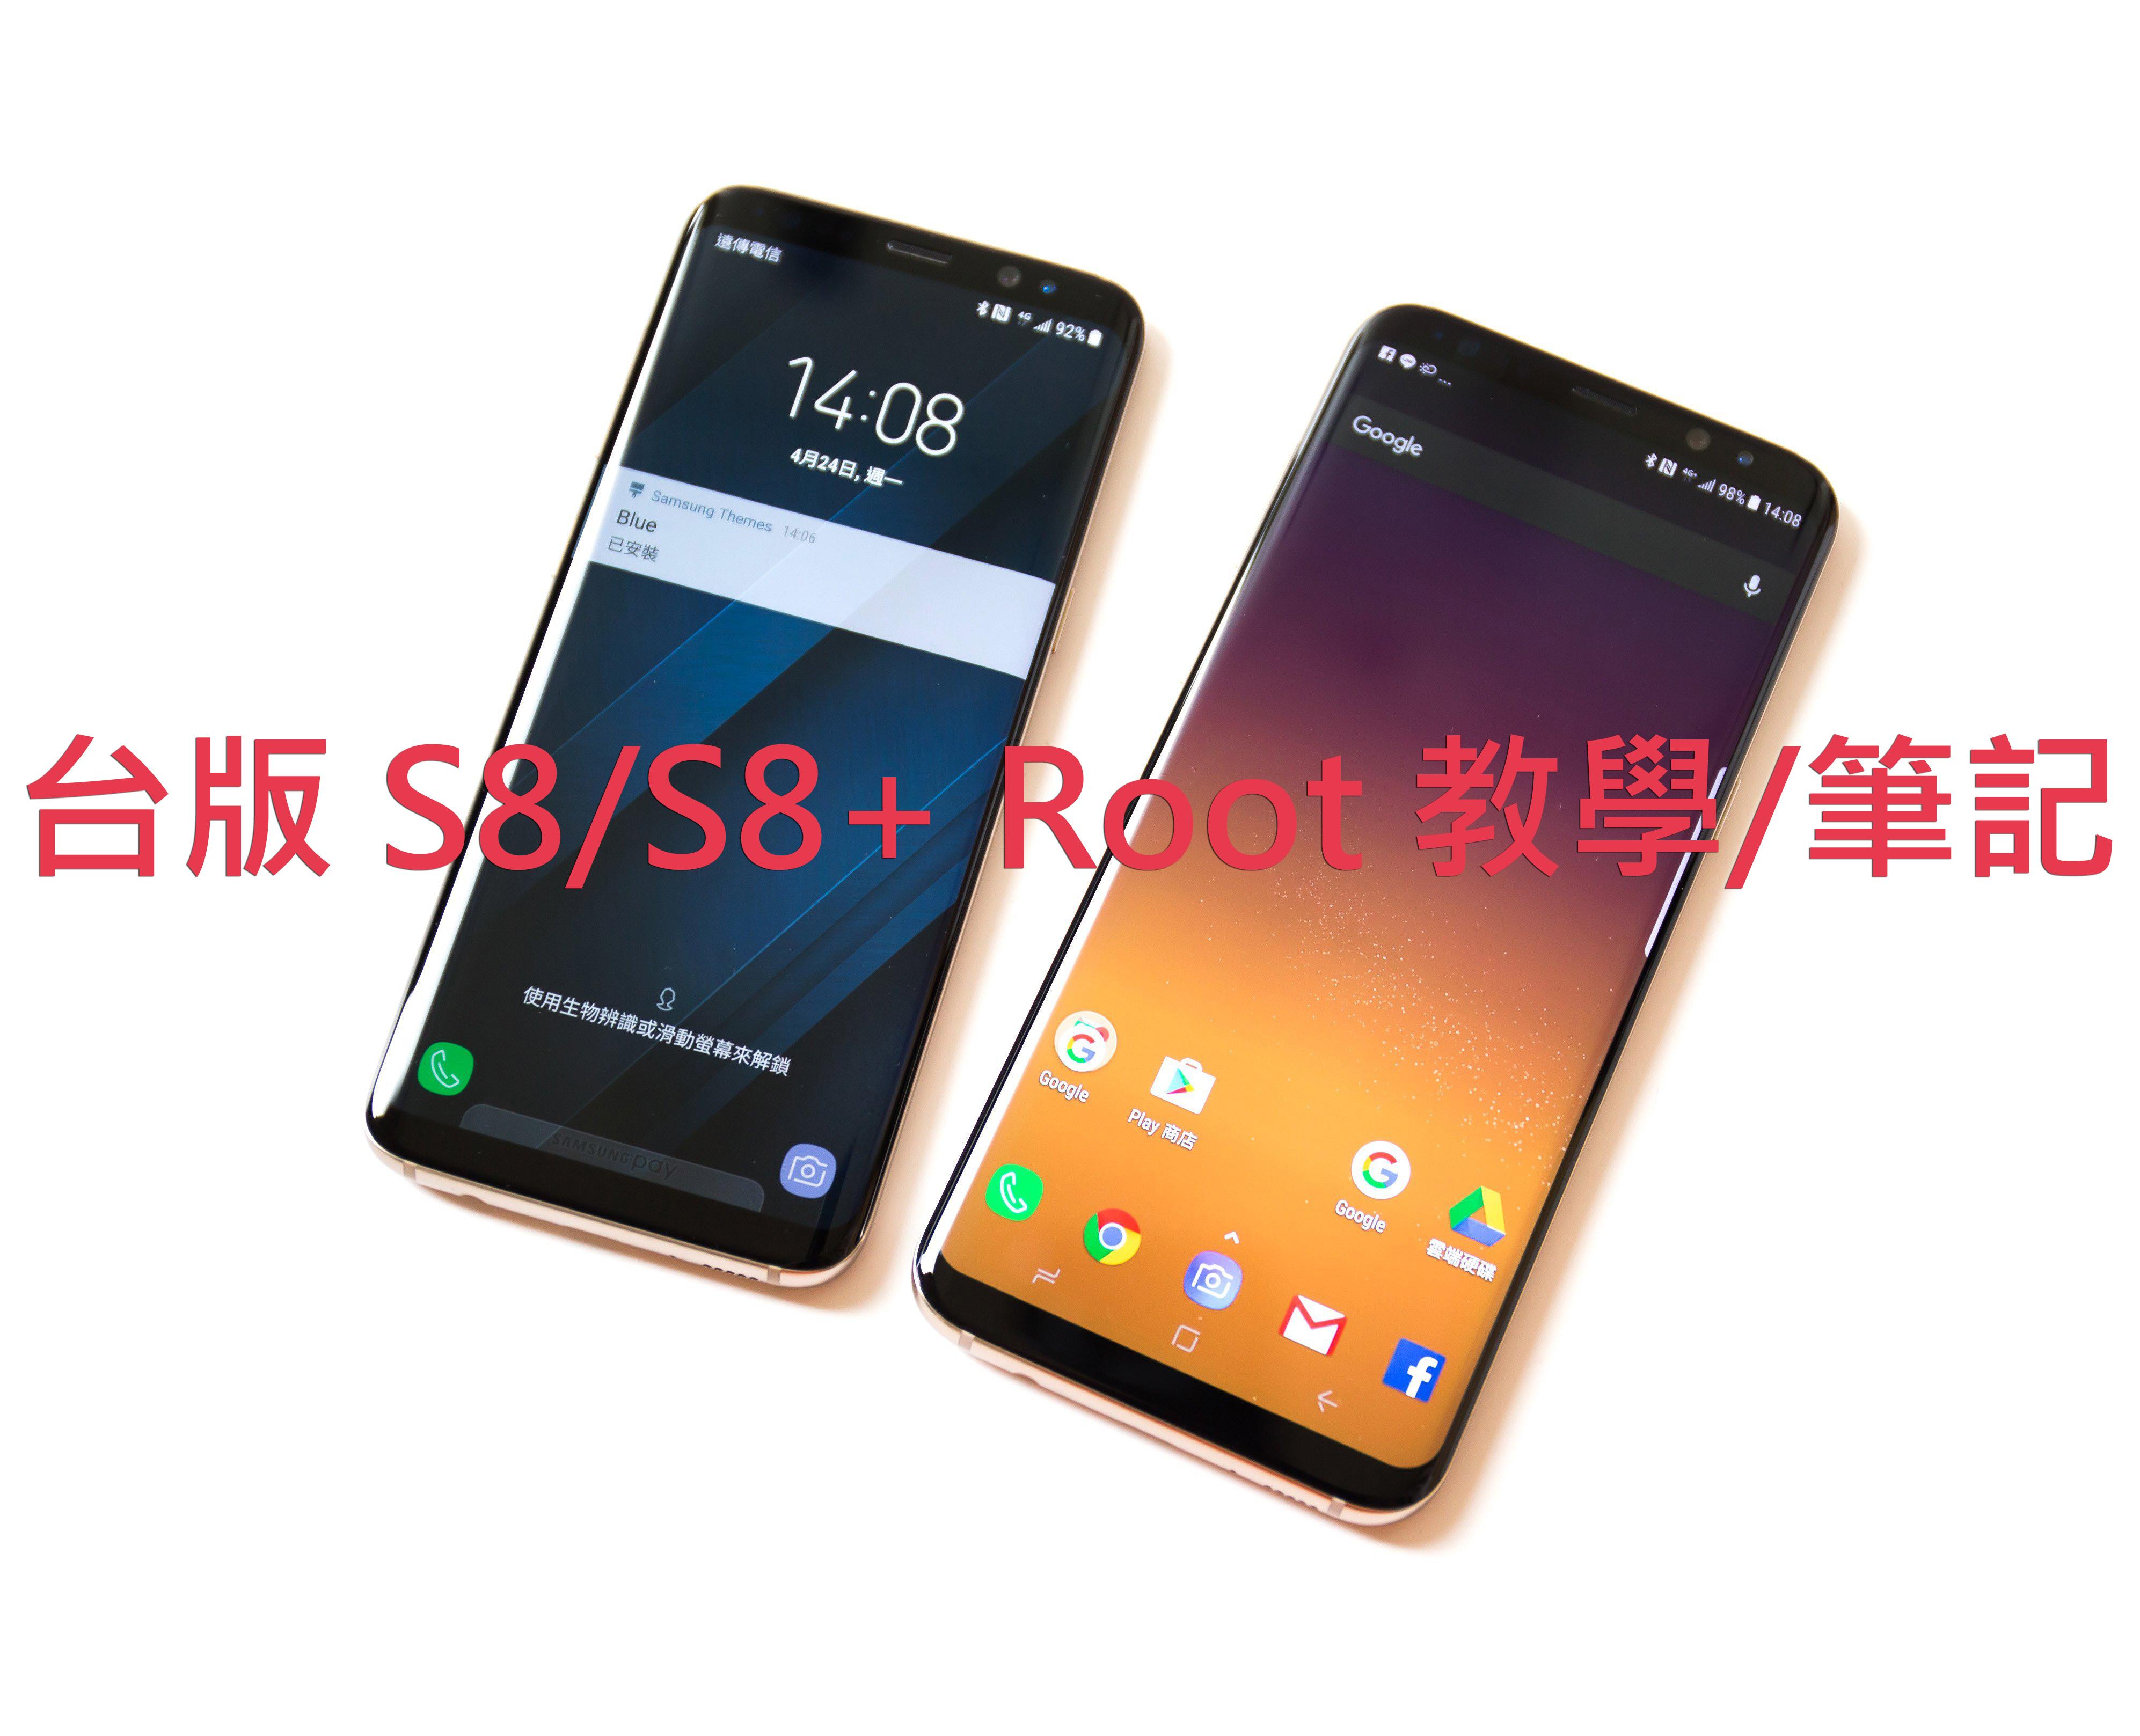 台版 Galaxy S8/S8+ Root 教學/筆記 @3C 達人廖阿輝